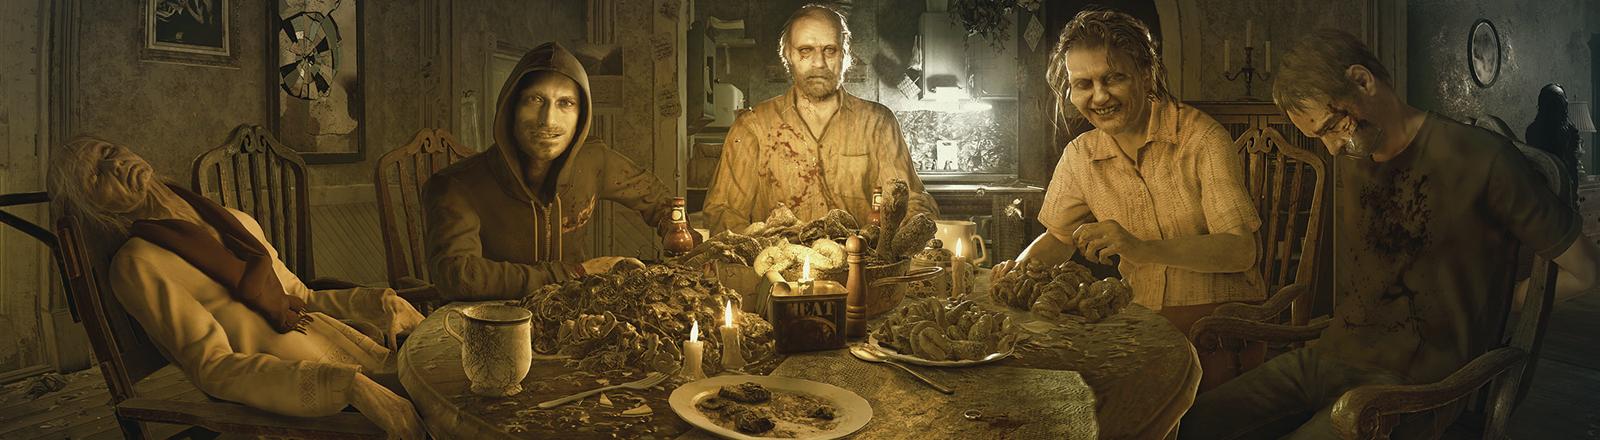 Eine Szene aus Resident Evil 7 - Biohazard.